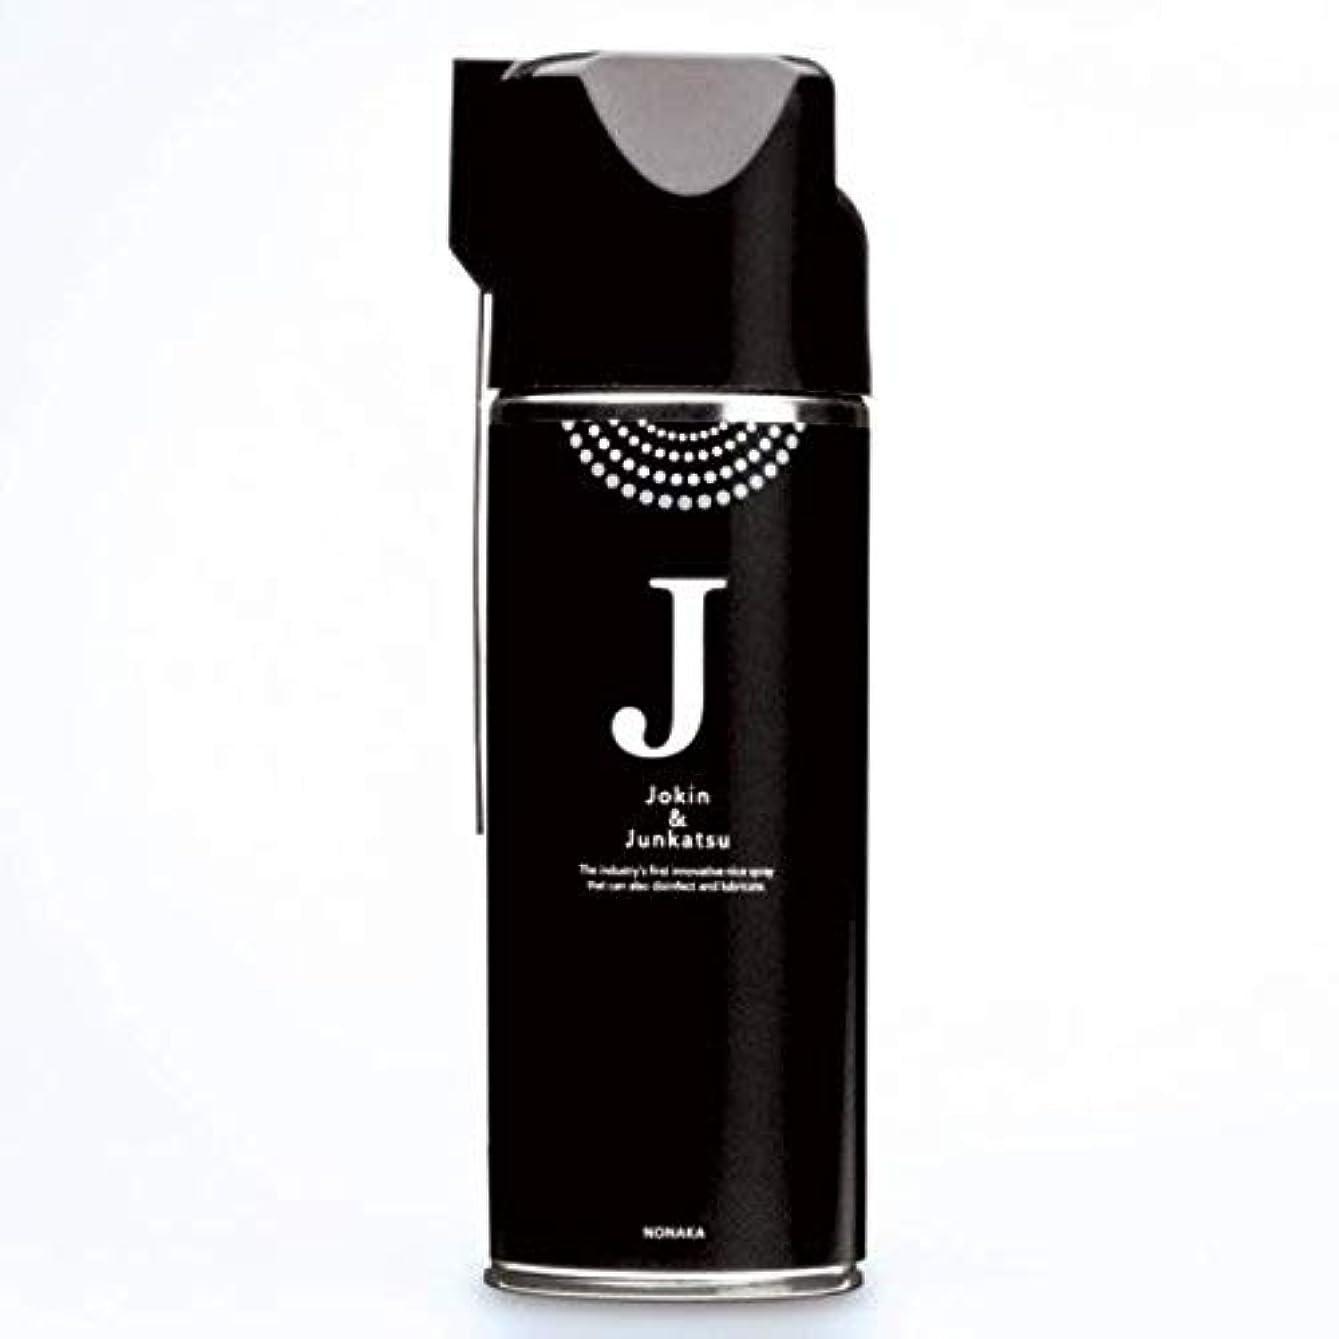 減少甘くする裂け目Jokin&Junkatsu 除菌できる潤滑スプレー420ml